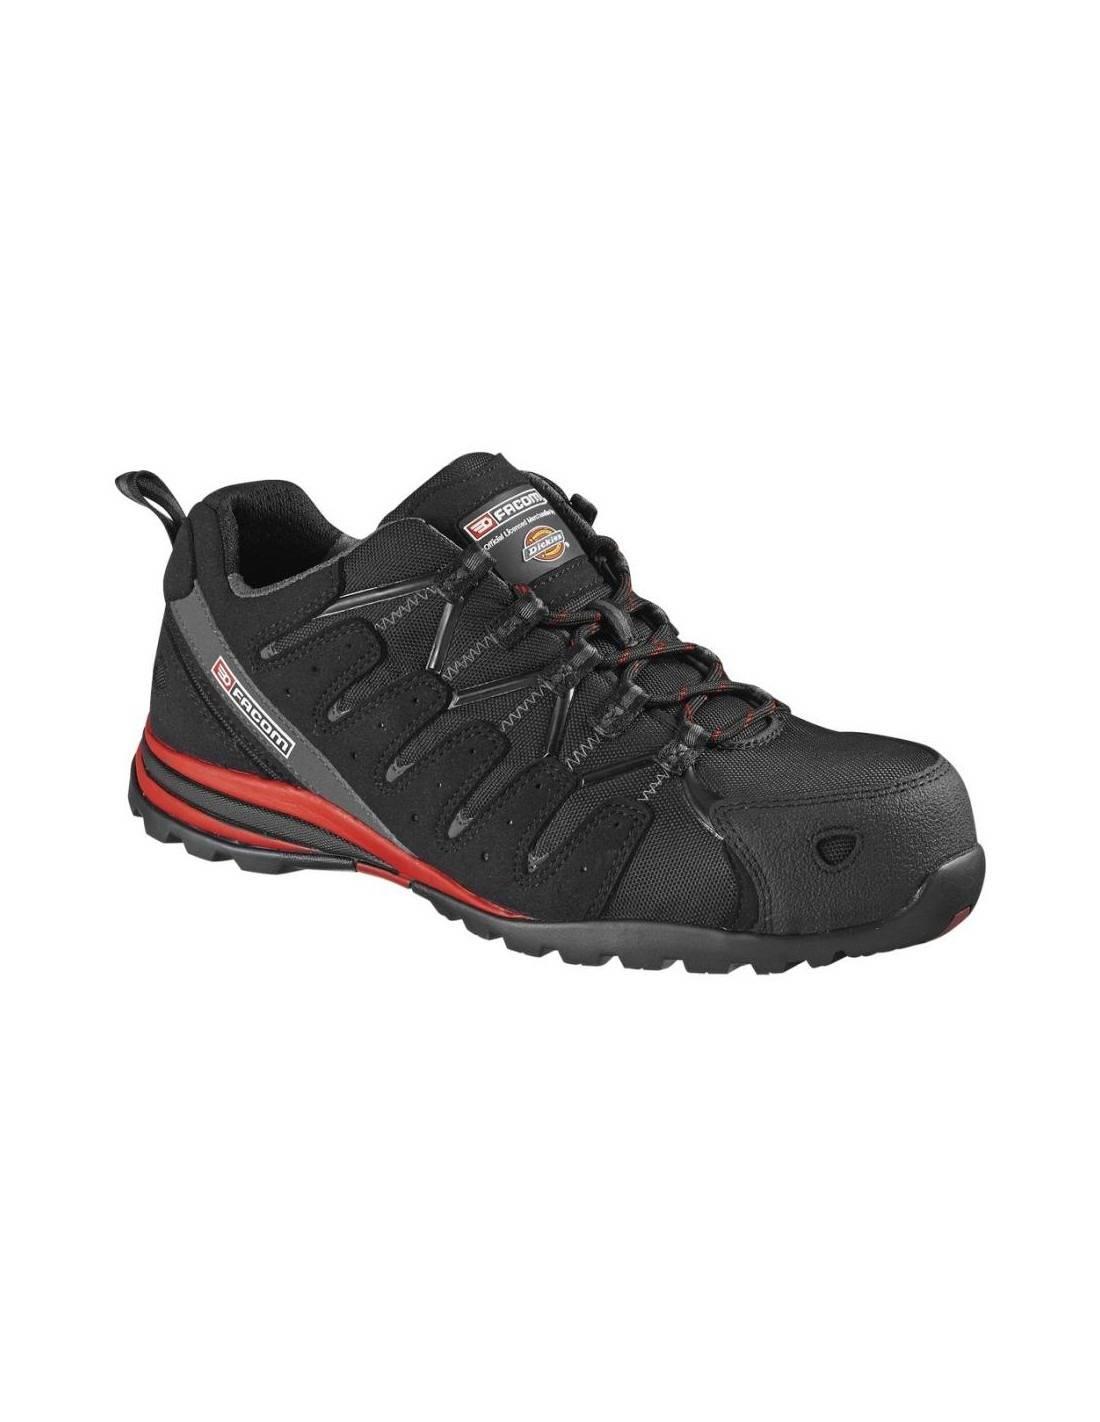 VP.TREK - Chaussures Dickies trek - VP.TREK-38 - Facom pas cher 167be032800e